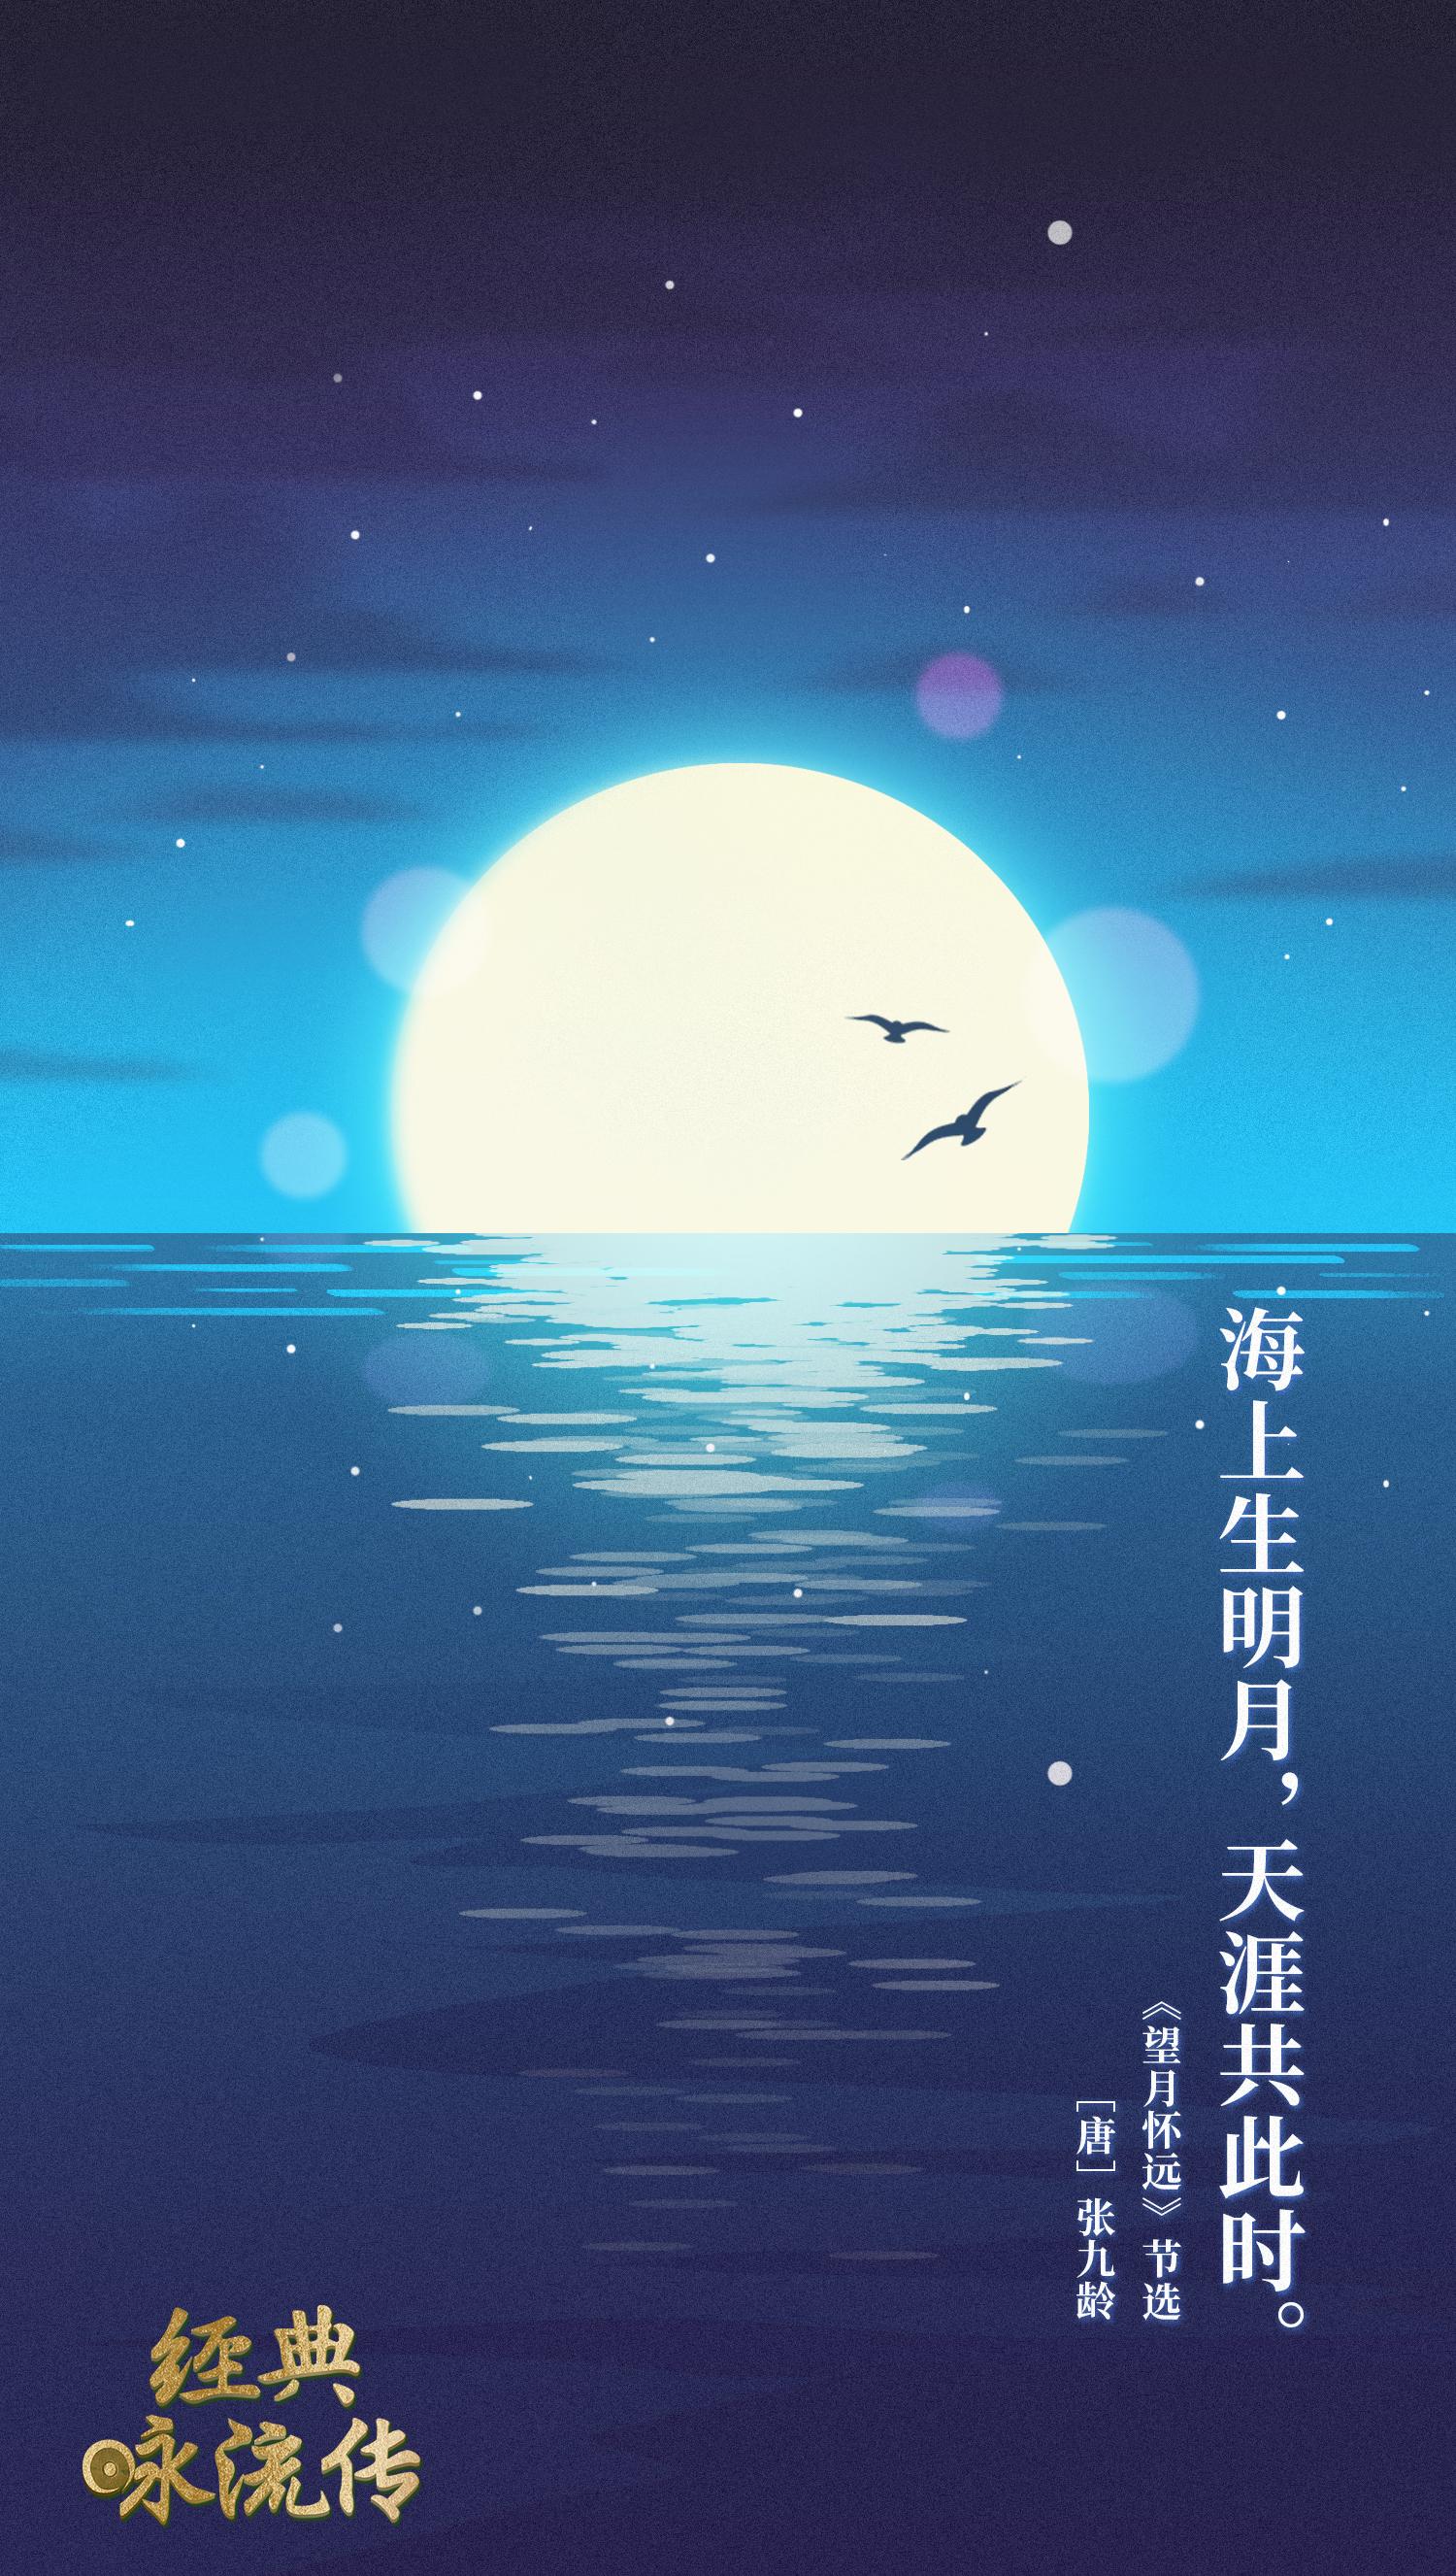 《经典咏流传》诗词意境海报合集 欣赏-第49张